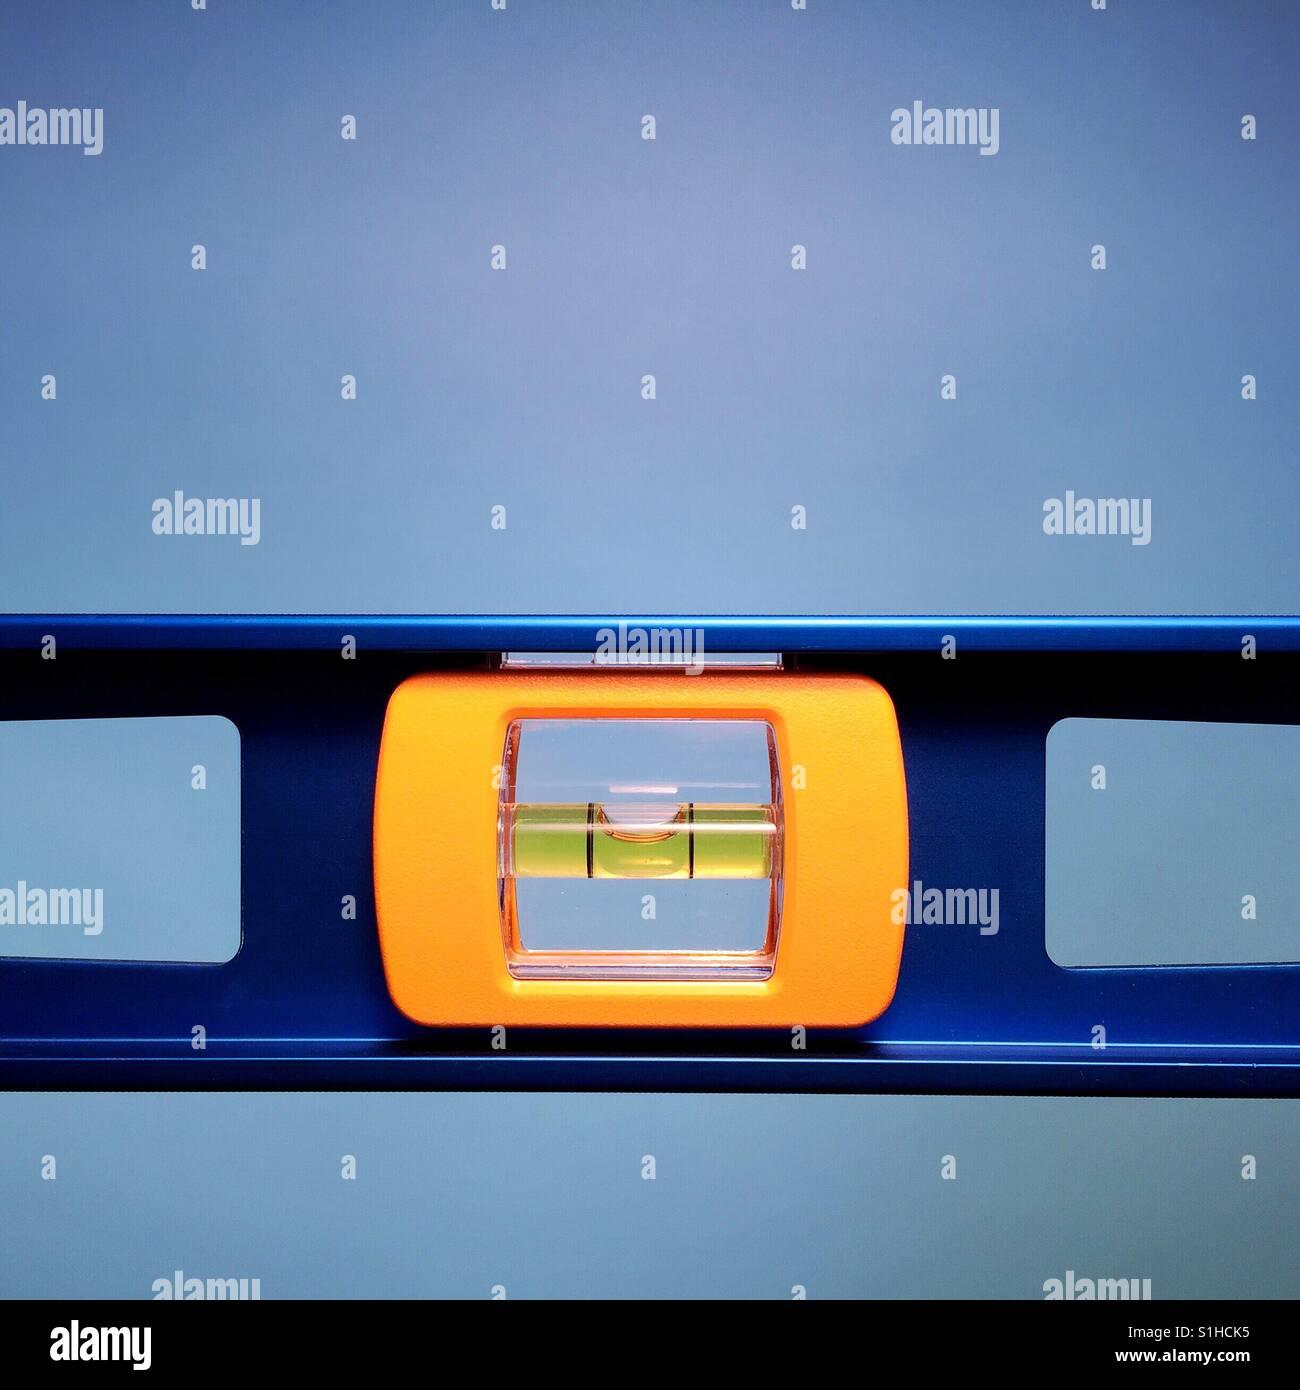 Un primer plano de un carpintero nivelan contra un fondo azul. Imagen De Stock